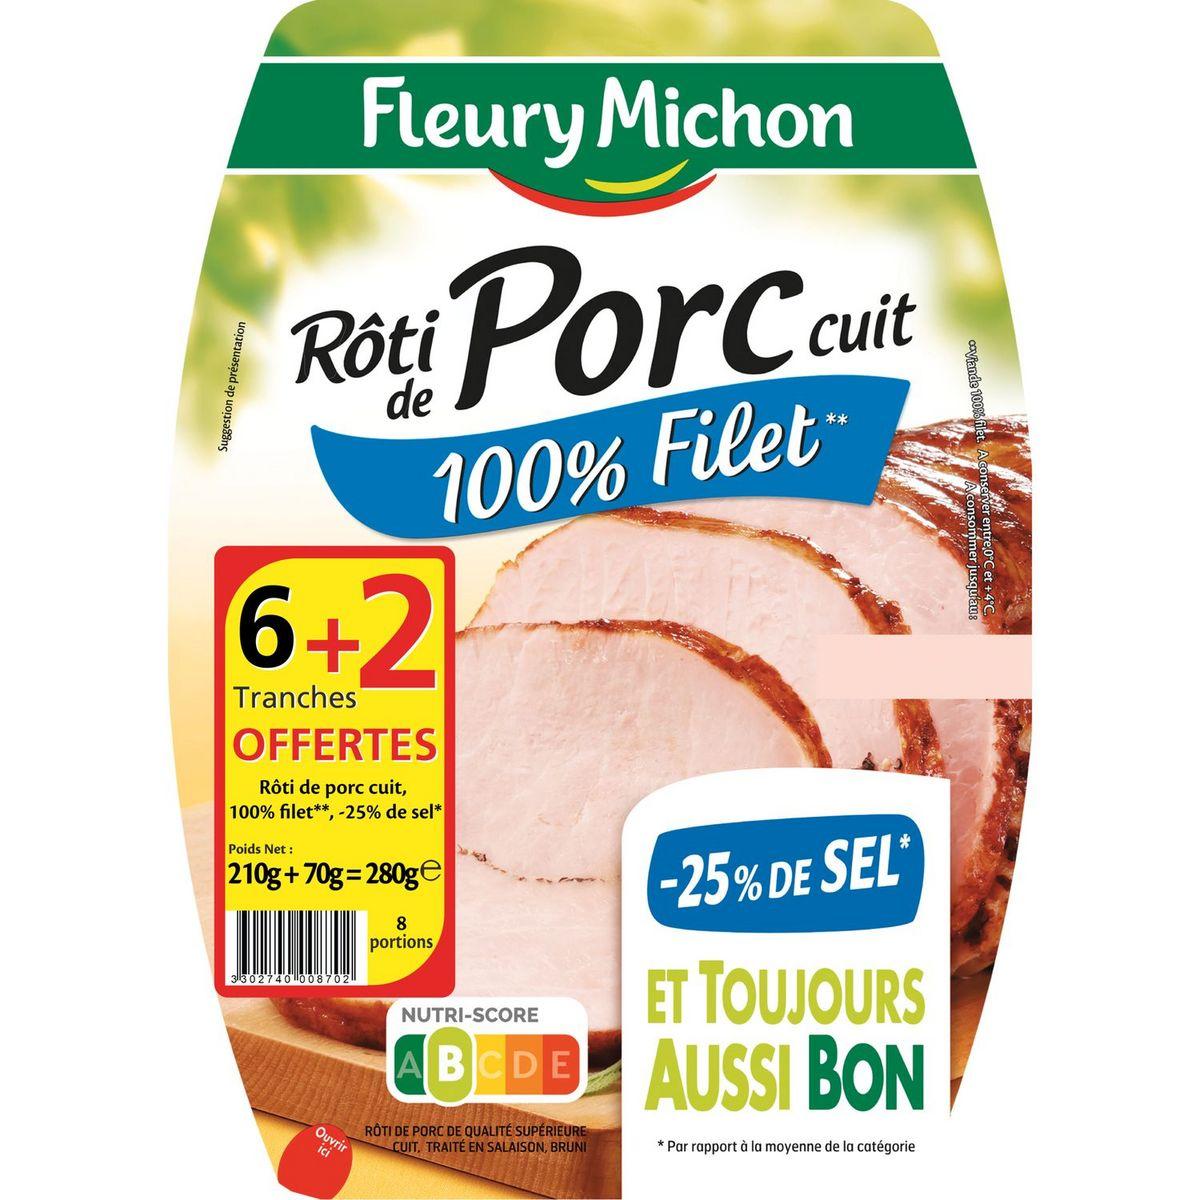 Rôti de porc cuit -25% de sel, Fleury Michon OFFRE SPECIALE (6 tranches + 2 OFFERTES, 280 g)